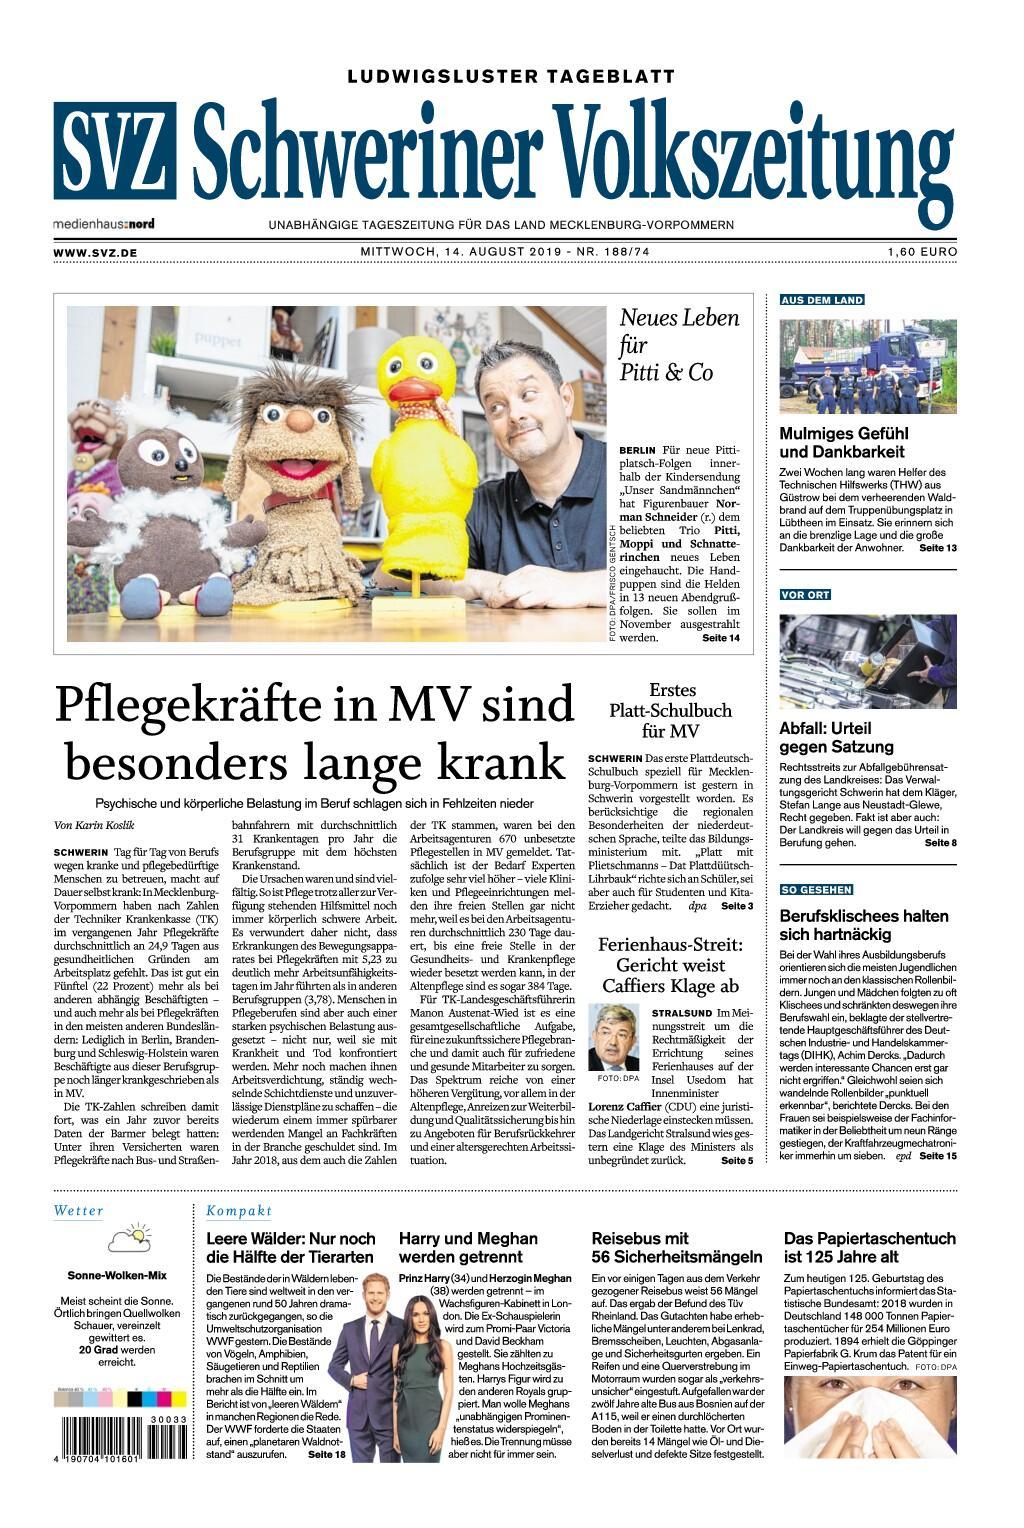 Schweriner Volkszeitung Ludwigsluster Tageblatt - 14. August 2019